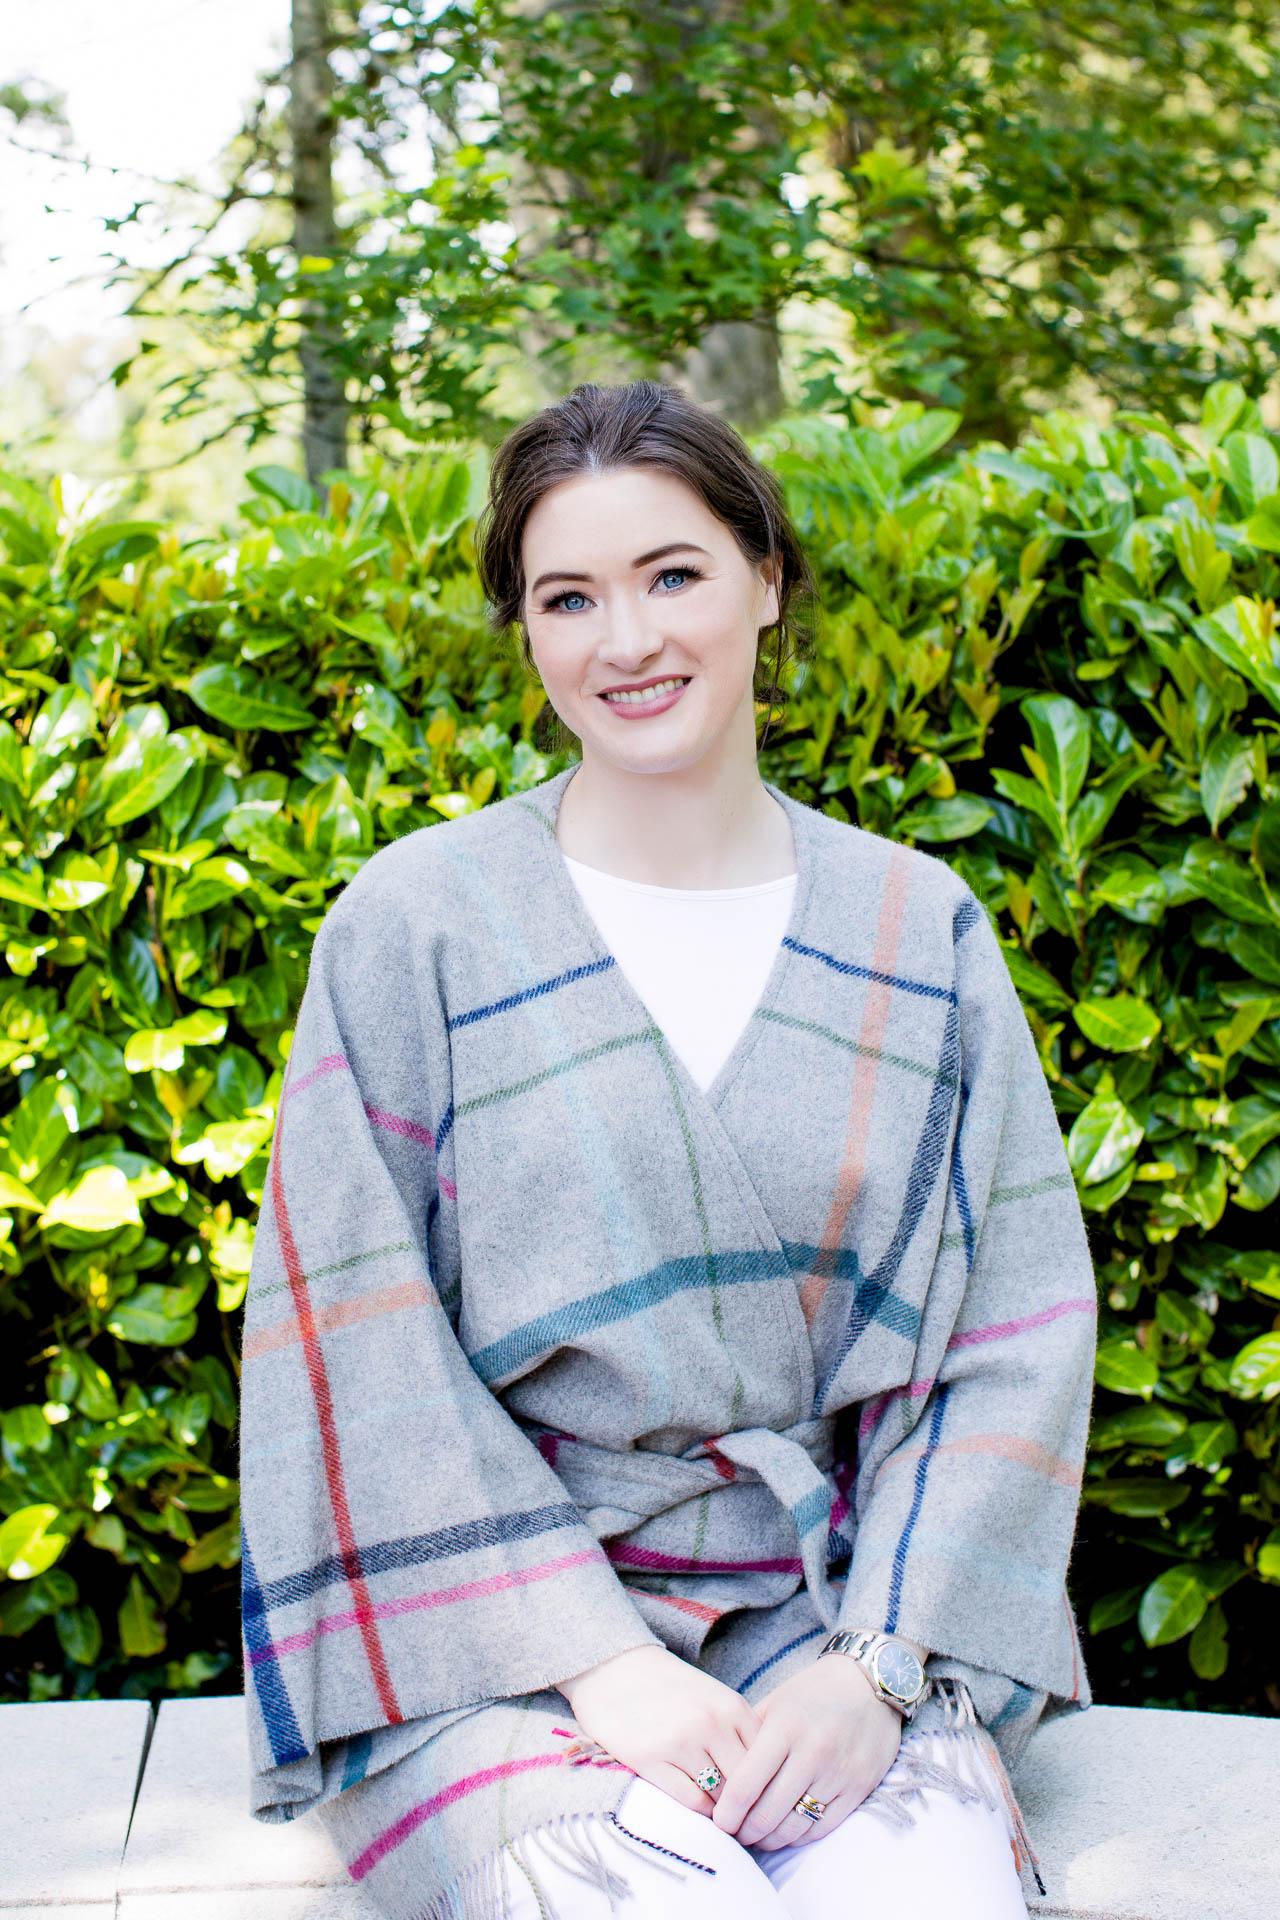 female entrepreneur portrait outdoor